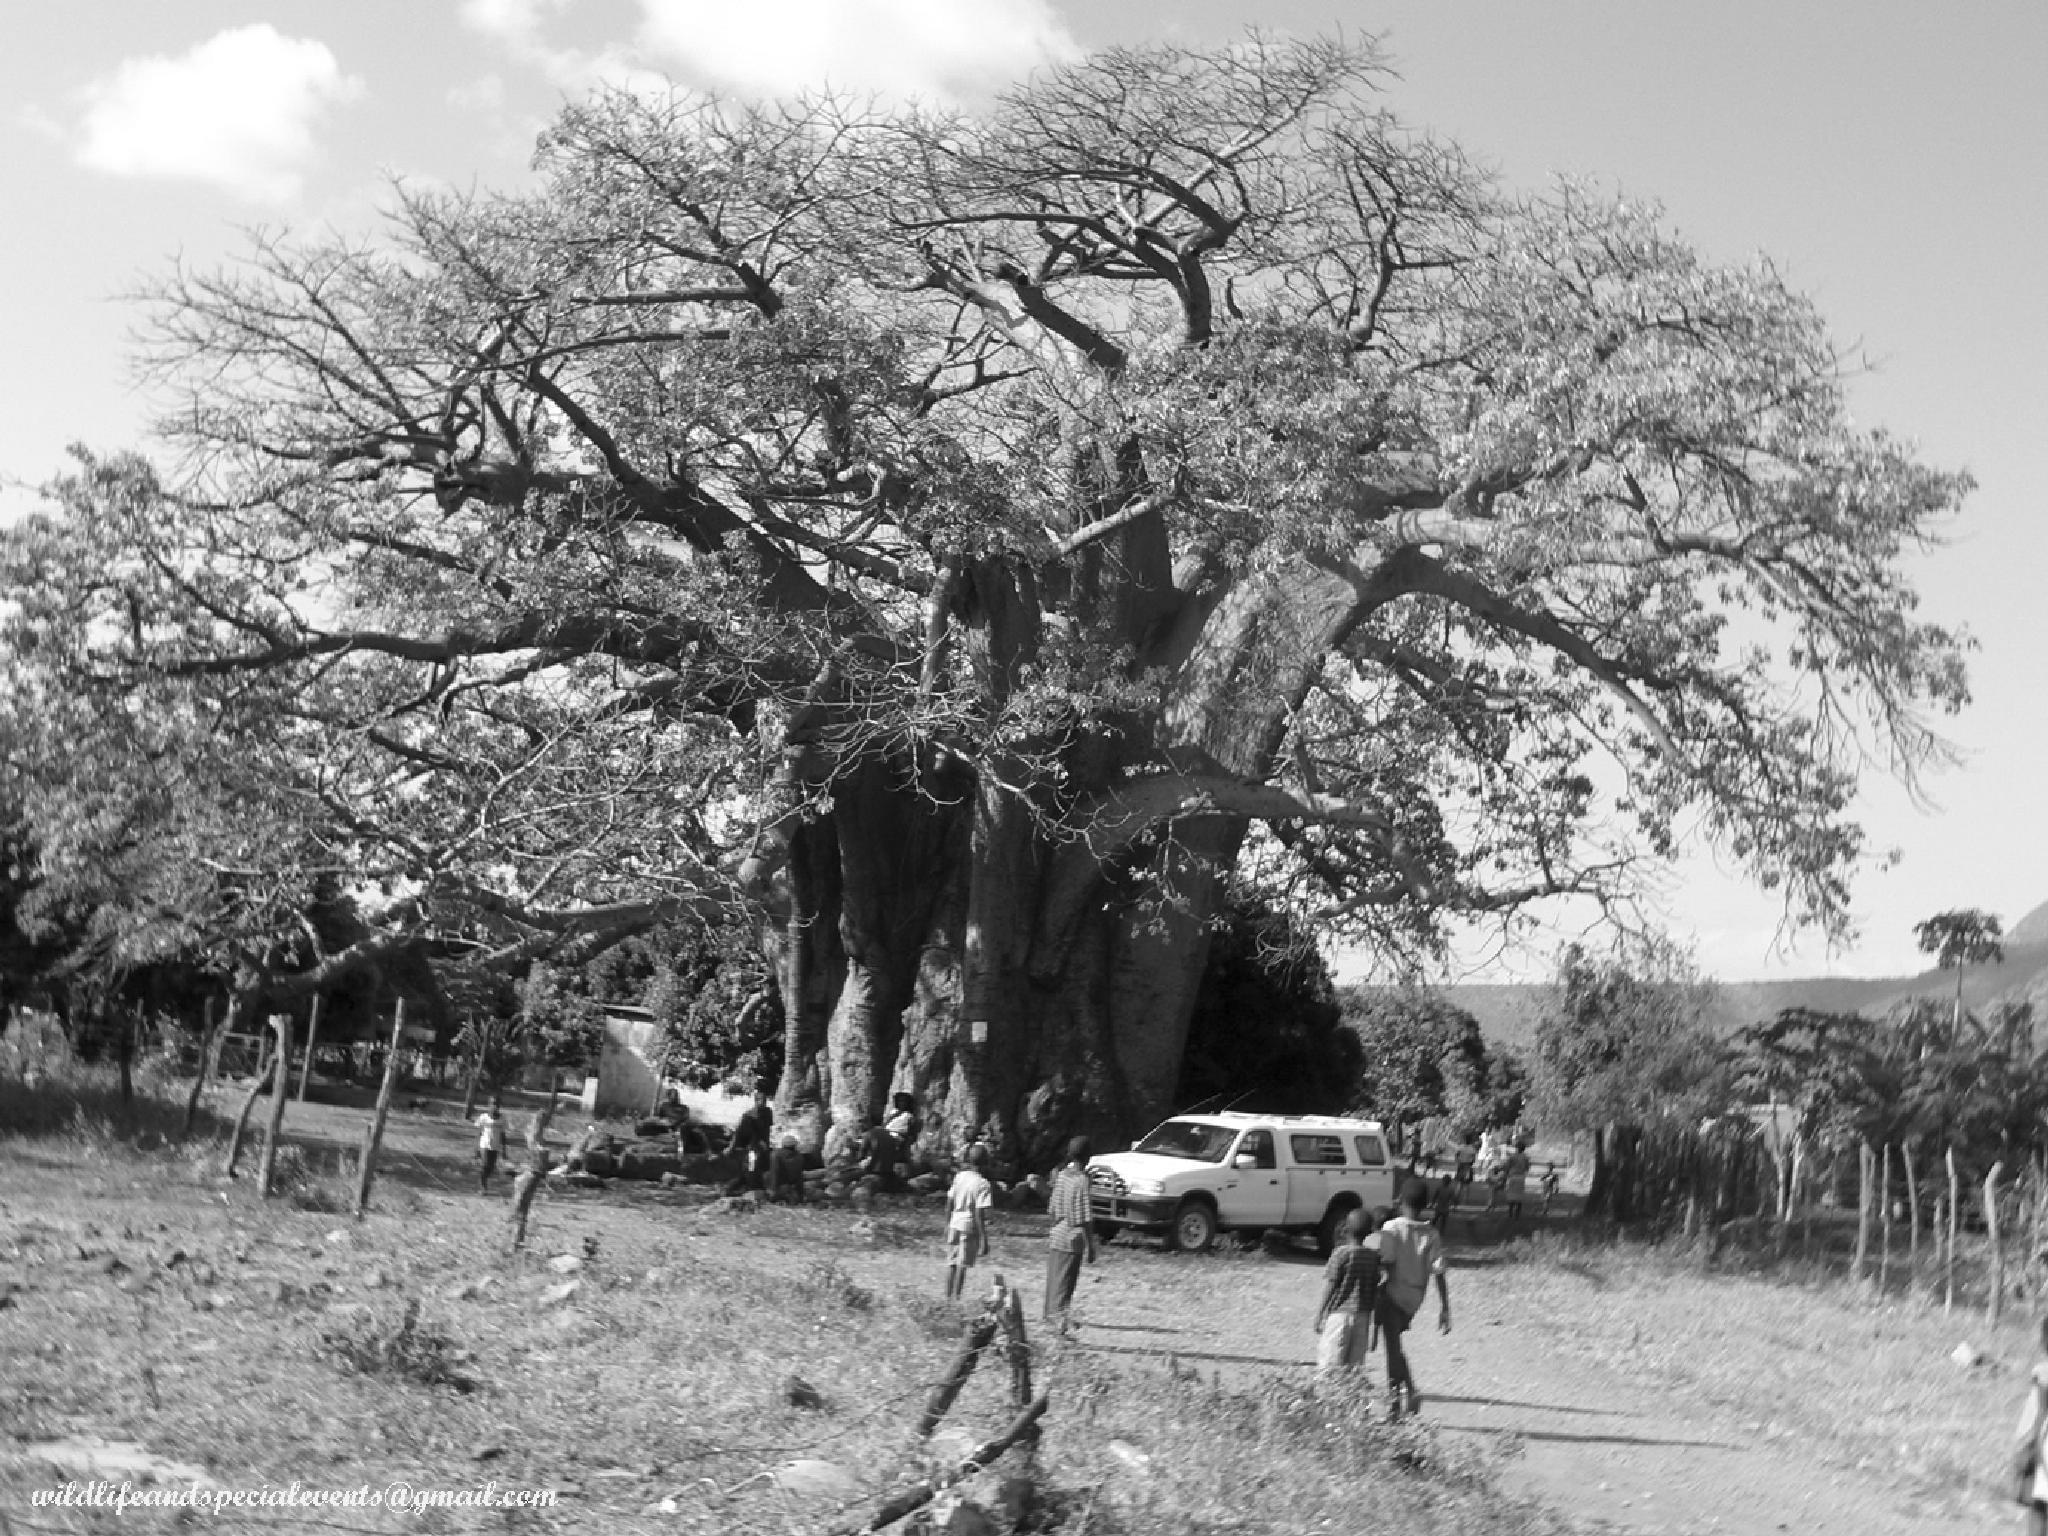 Baobab tree  by oosie